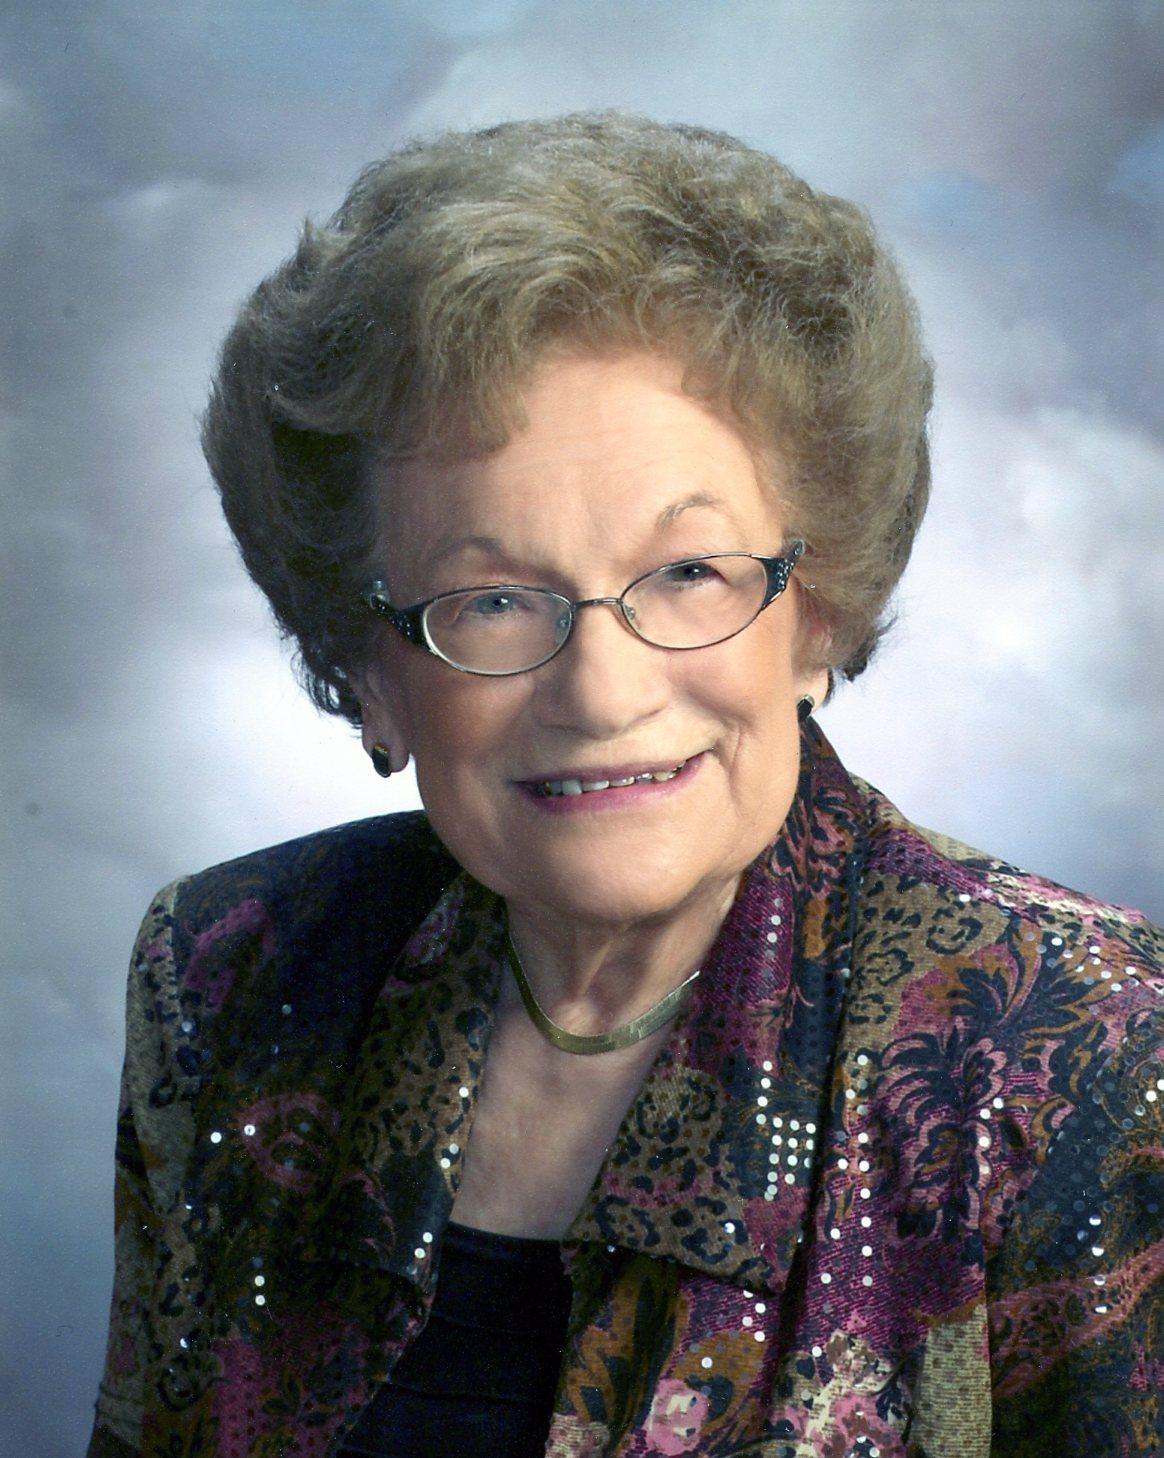 Vivene Keller, age 96, of Lincoln, formerly of Norfolk and Wisner, Nebraska